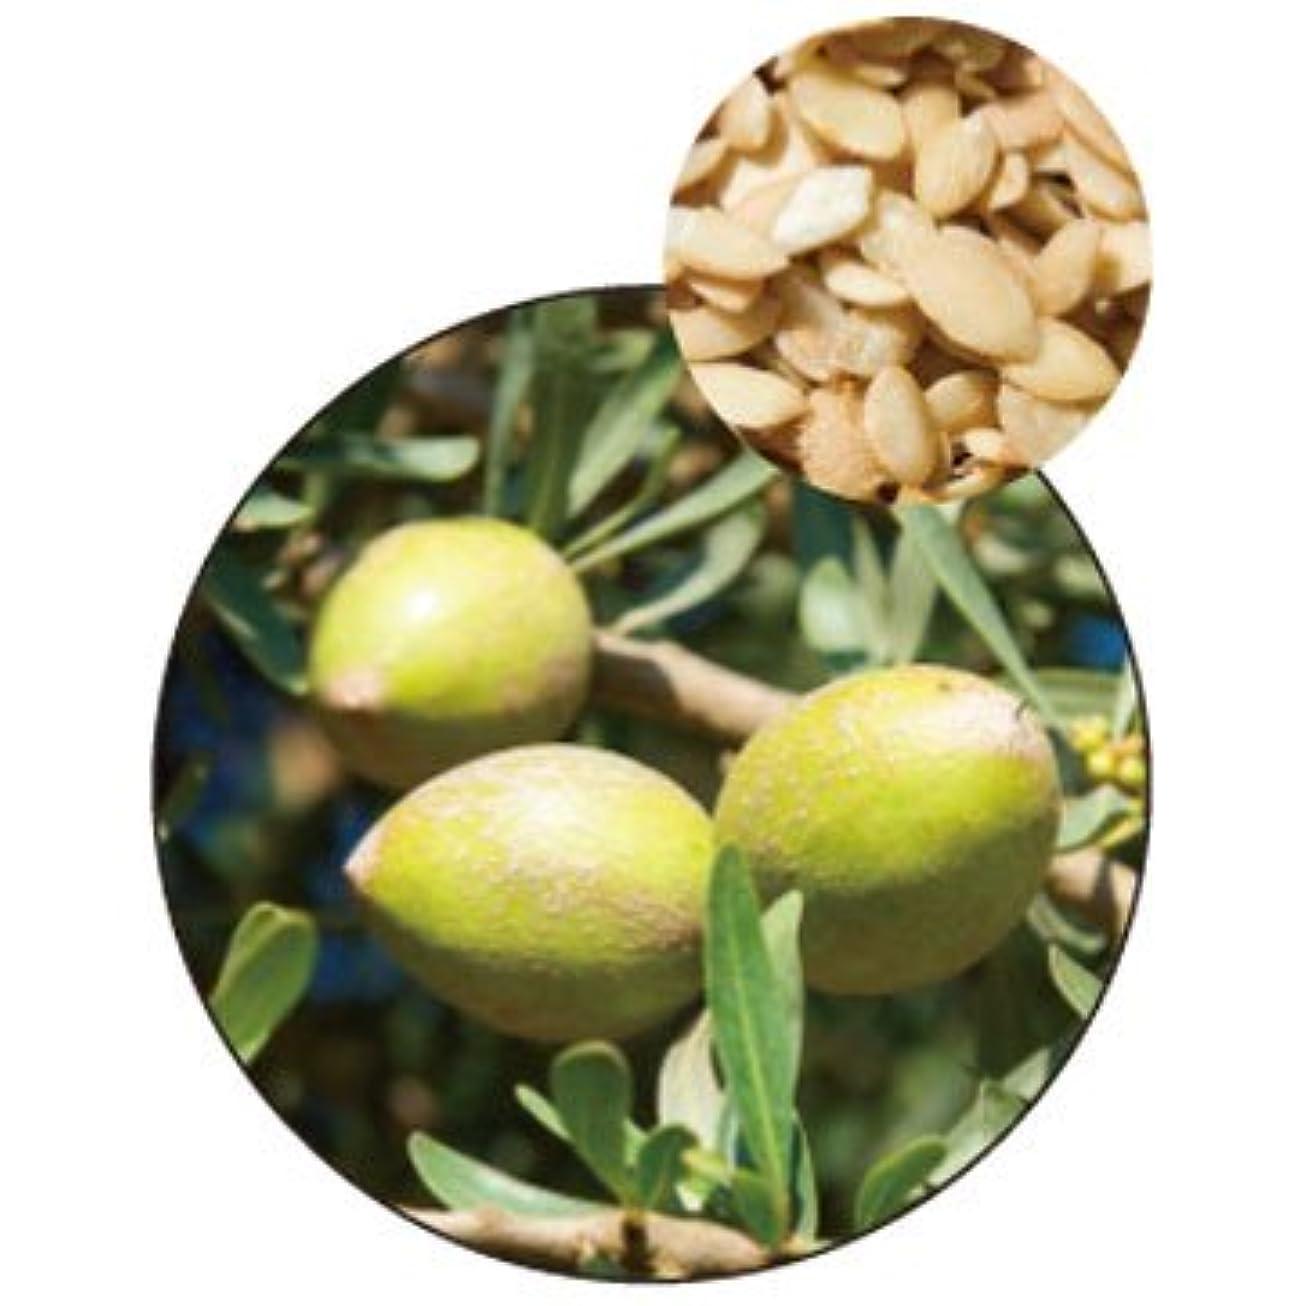 葬儀変色する葉を集める有機アルガンオイル バージン 未精製 70ml 生活の木